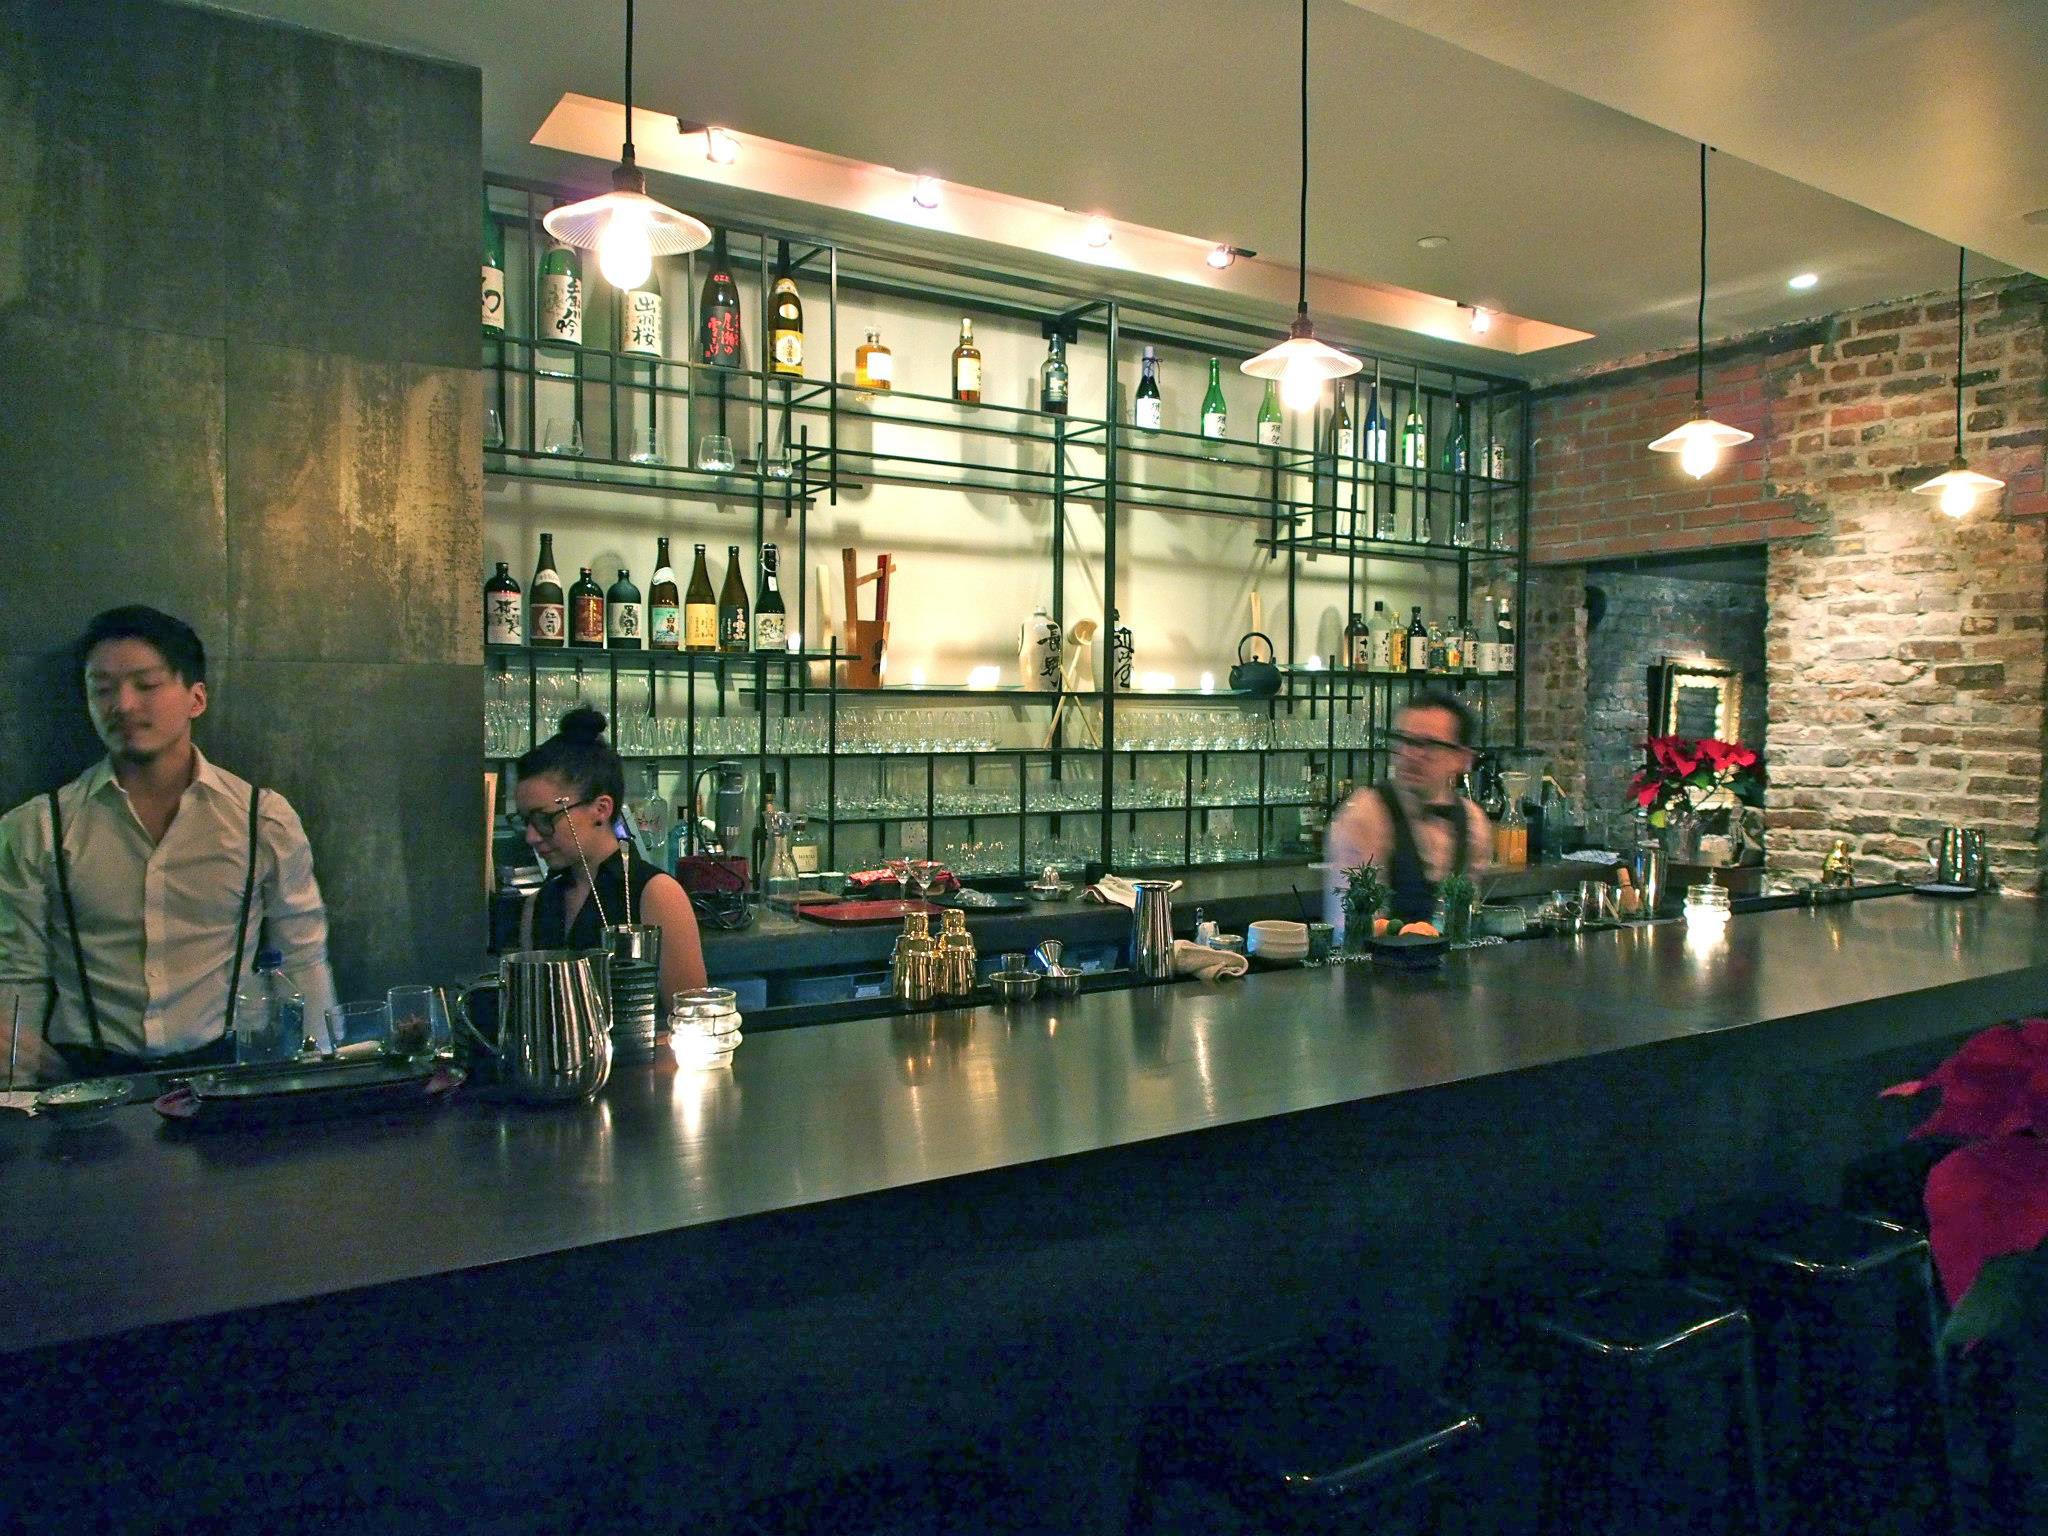 stylish bar